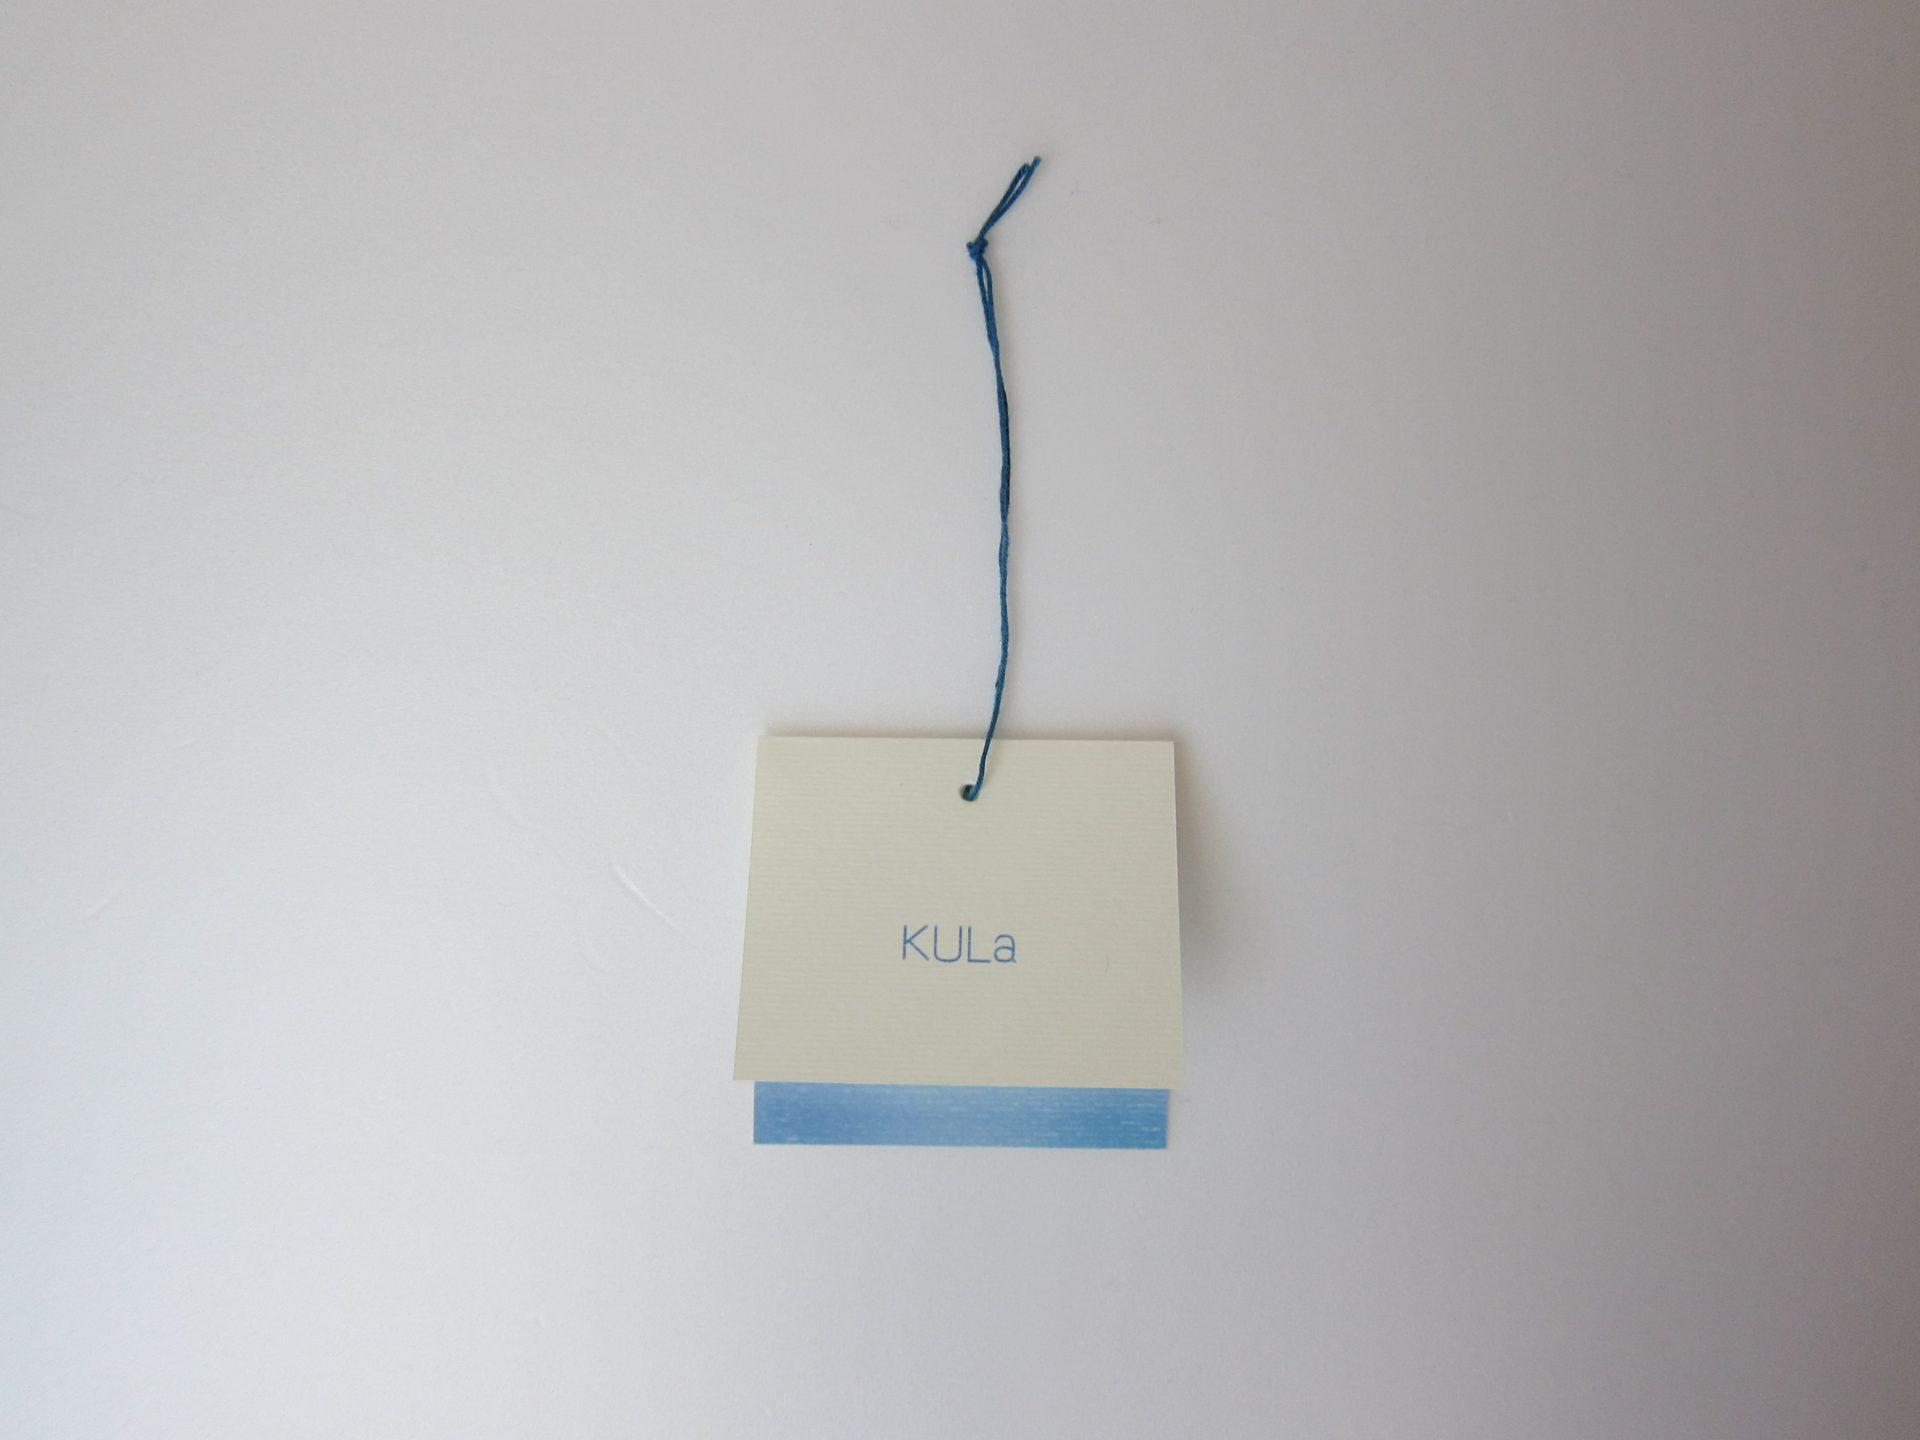 KULa_20190522